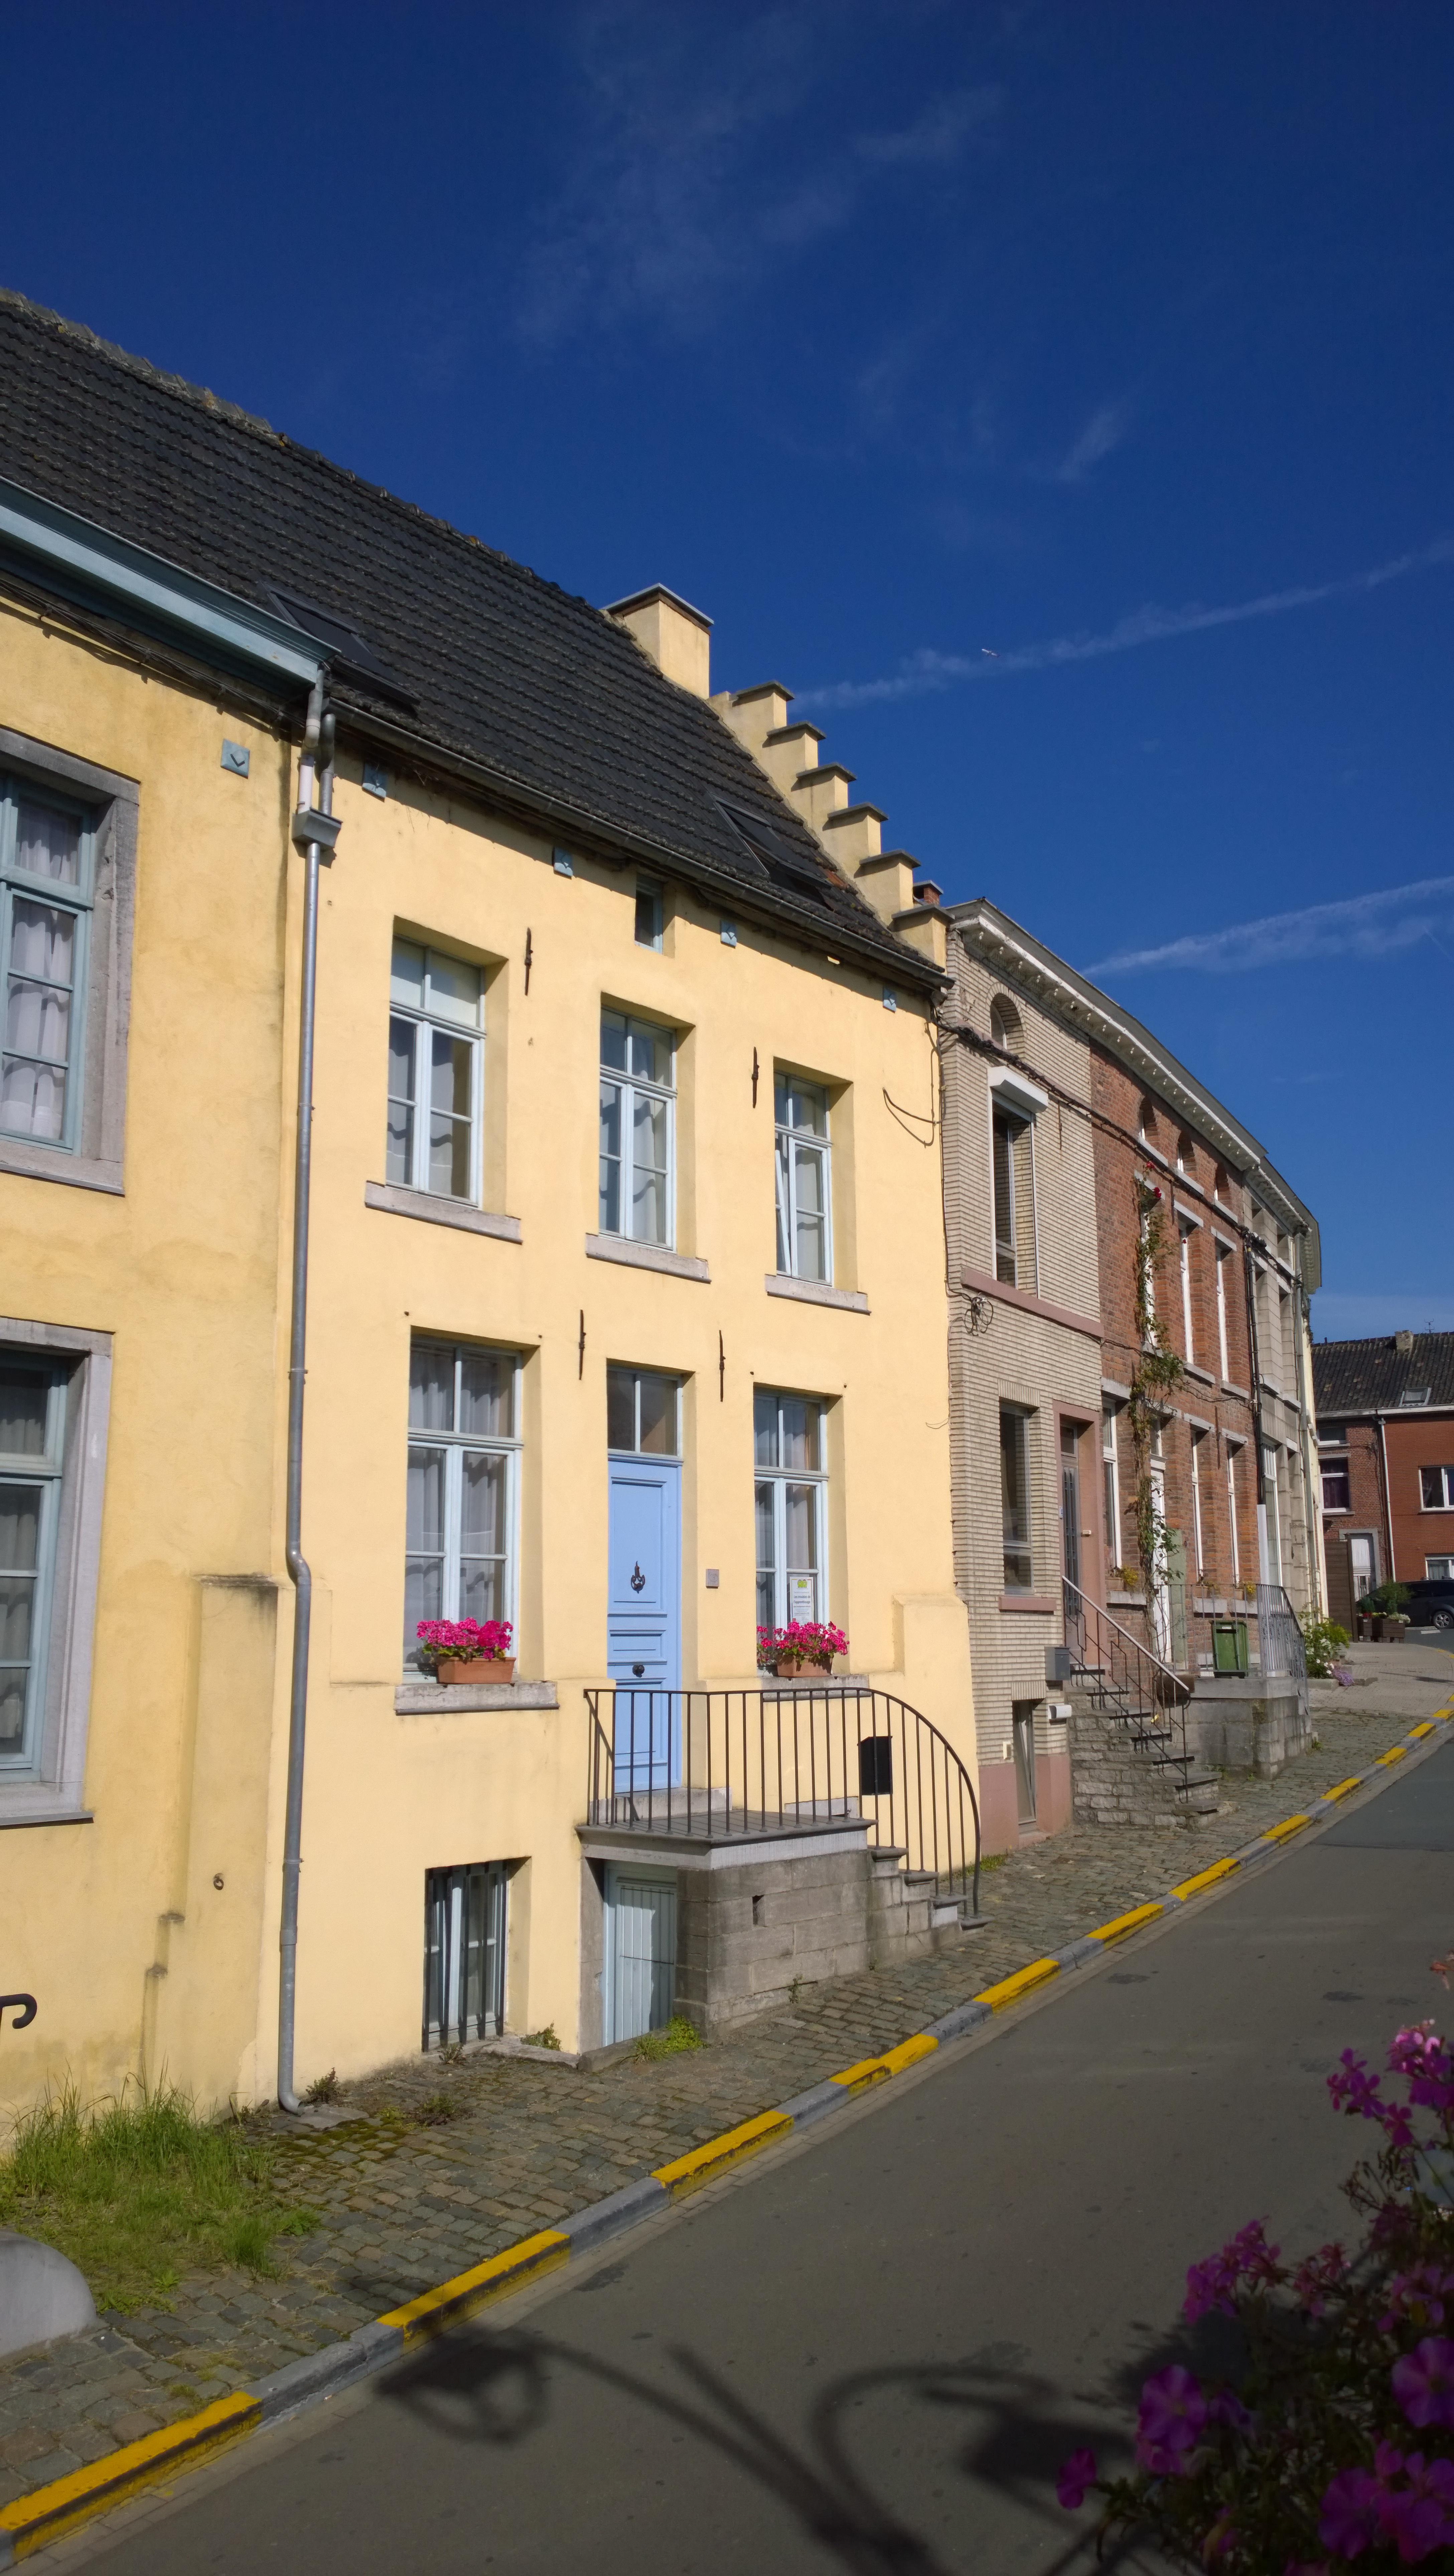 Fichier la facade et le perron de la maison grand place n 3 rebecq jpg wikip dia - Perron maison ...